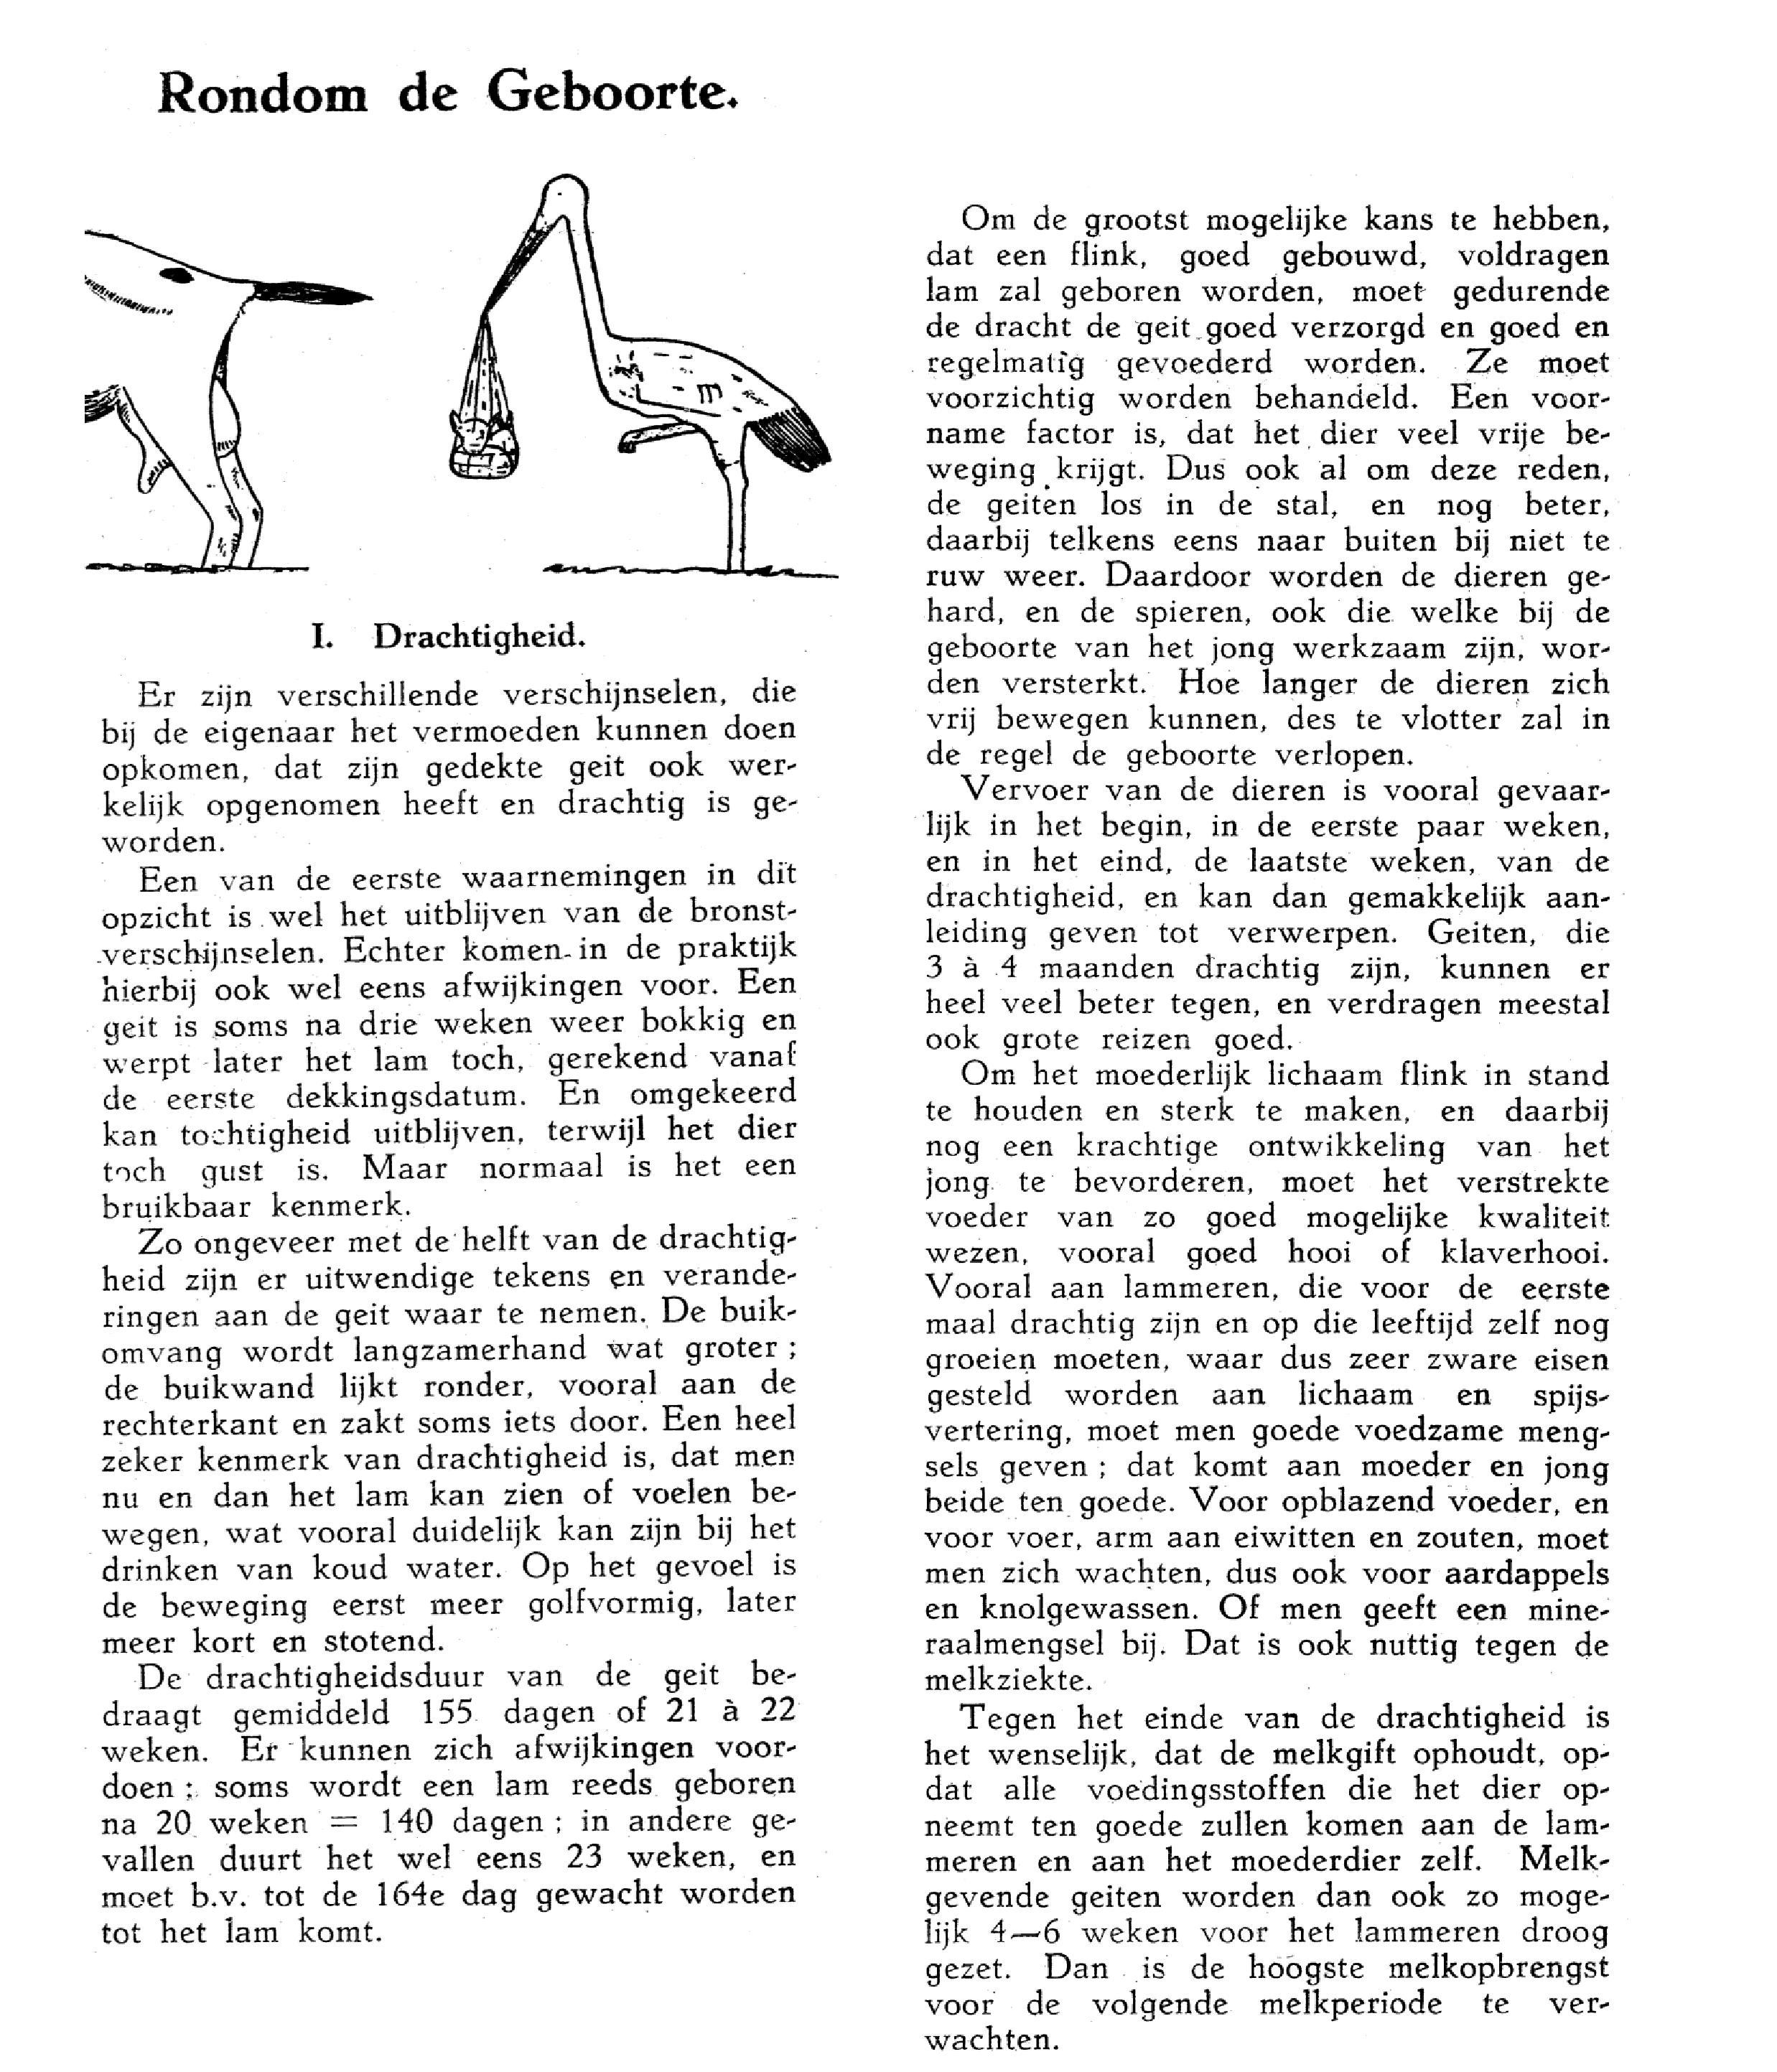 De_Geitenhouder._Rondom_de_geboorte_oktober_1941docx.page1[1]